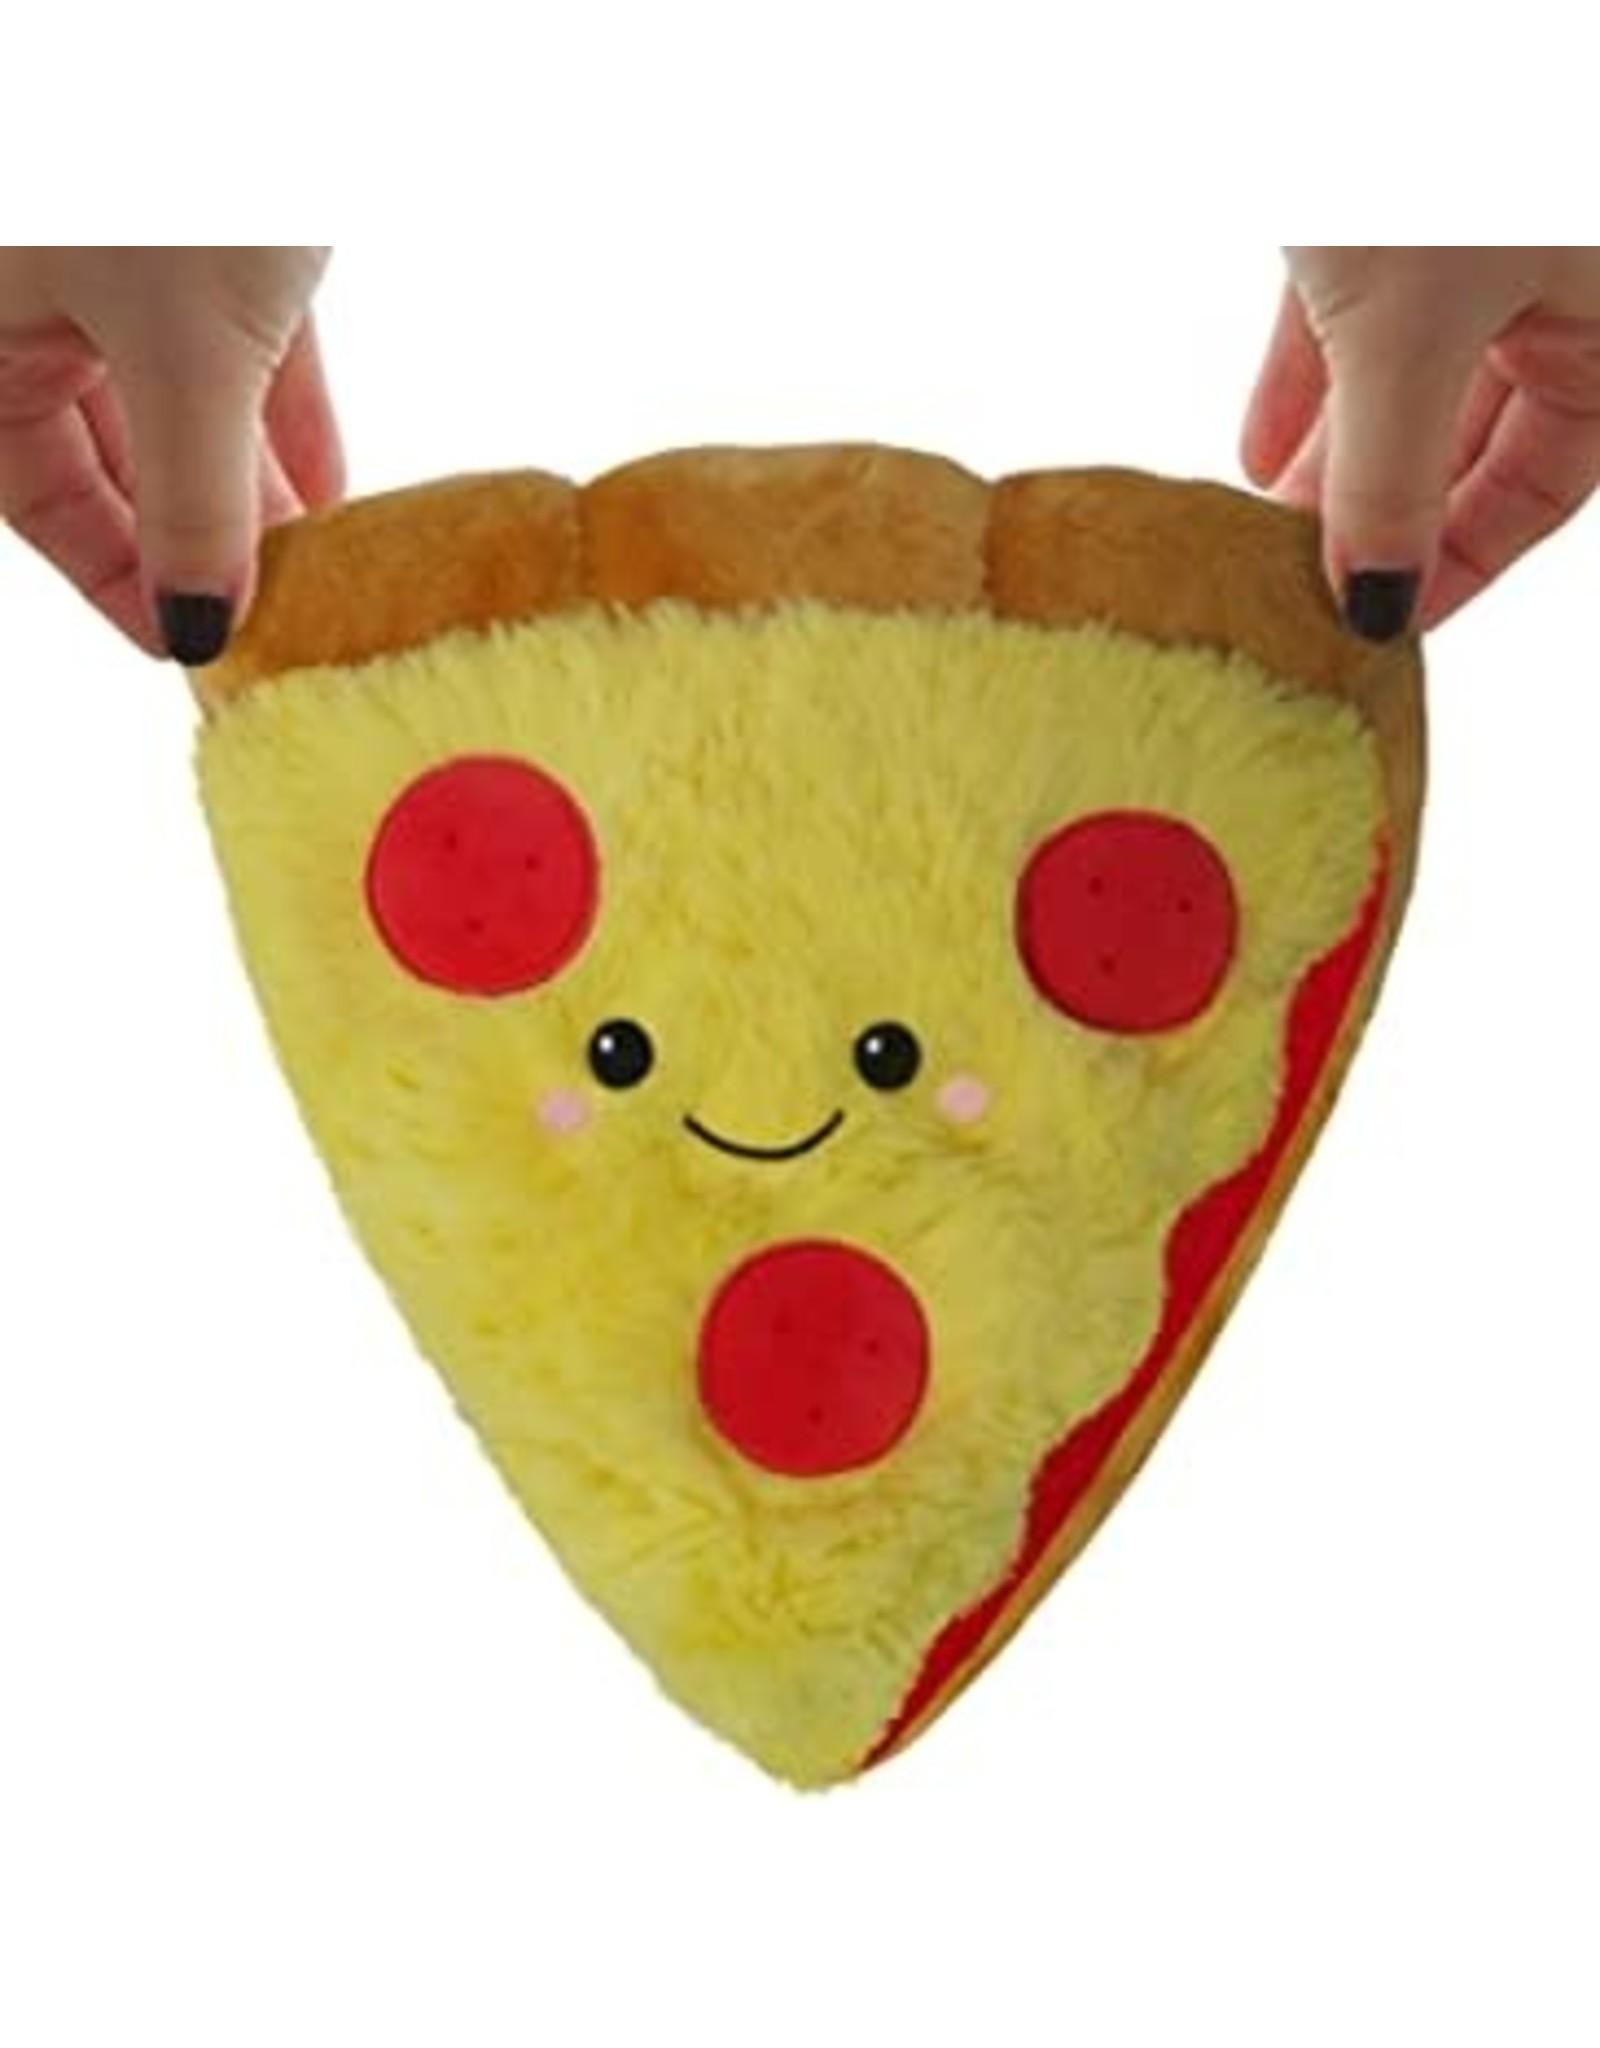 Squishable Mini Squishable Pizza